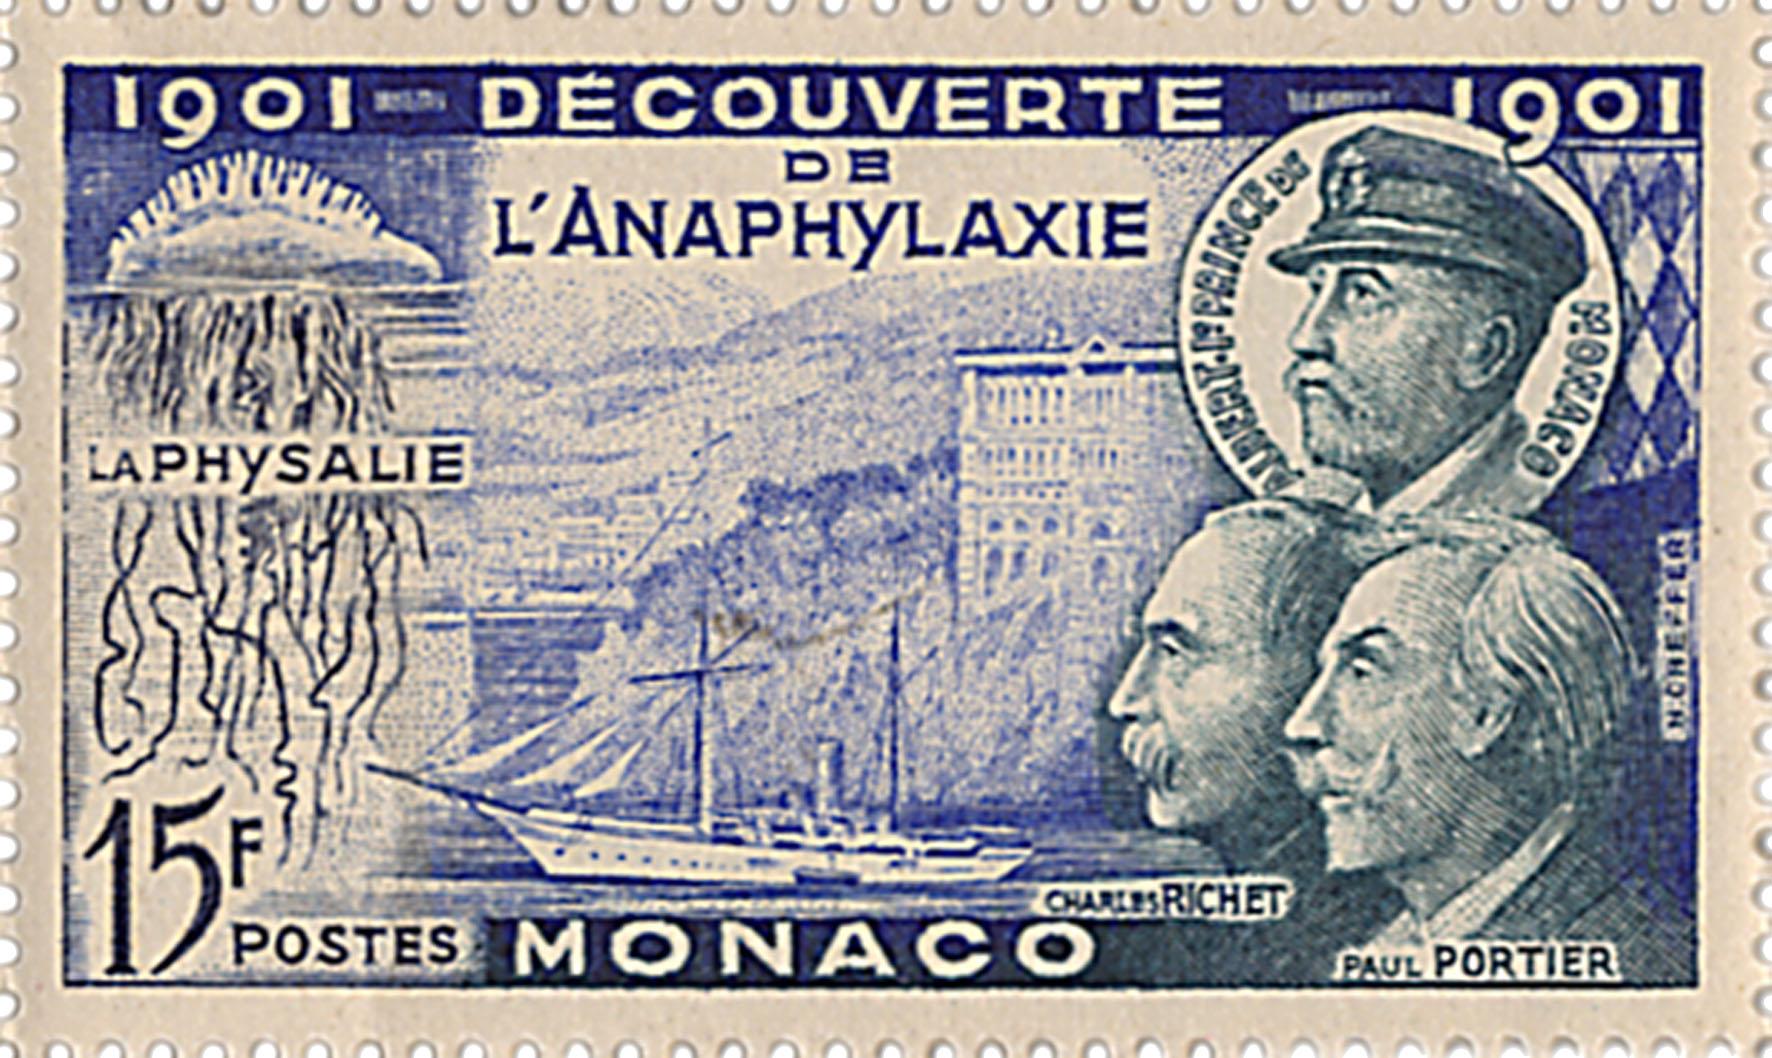 Timbre 1901 Decouverte de l'anaphylaxie